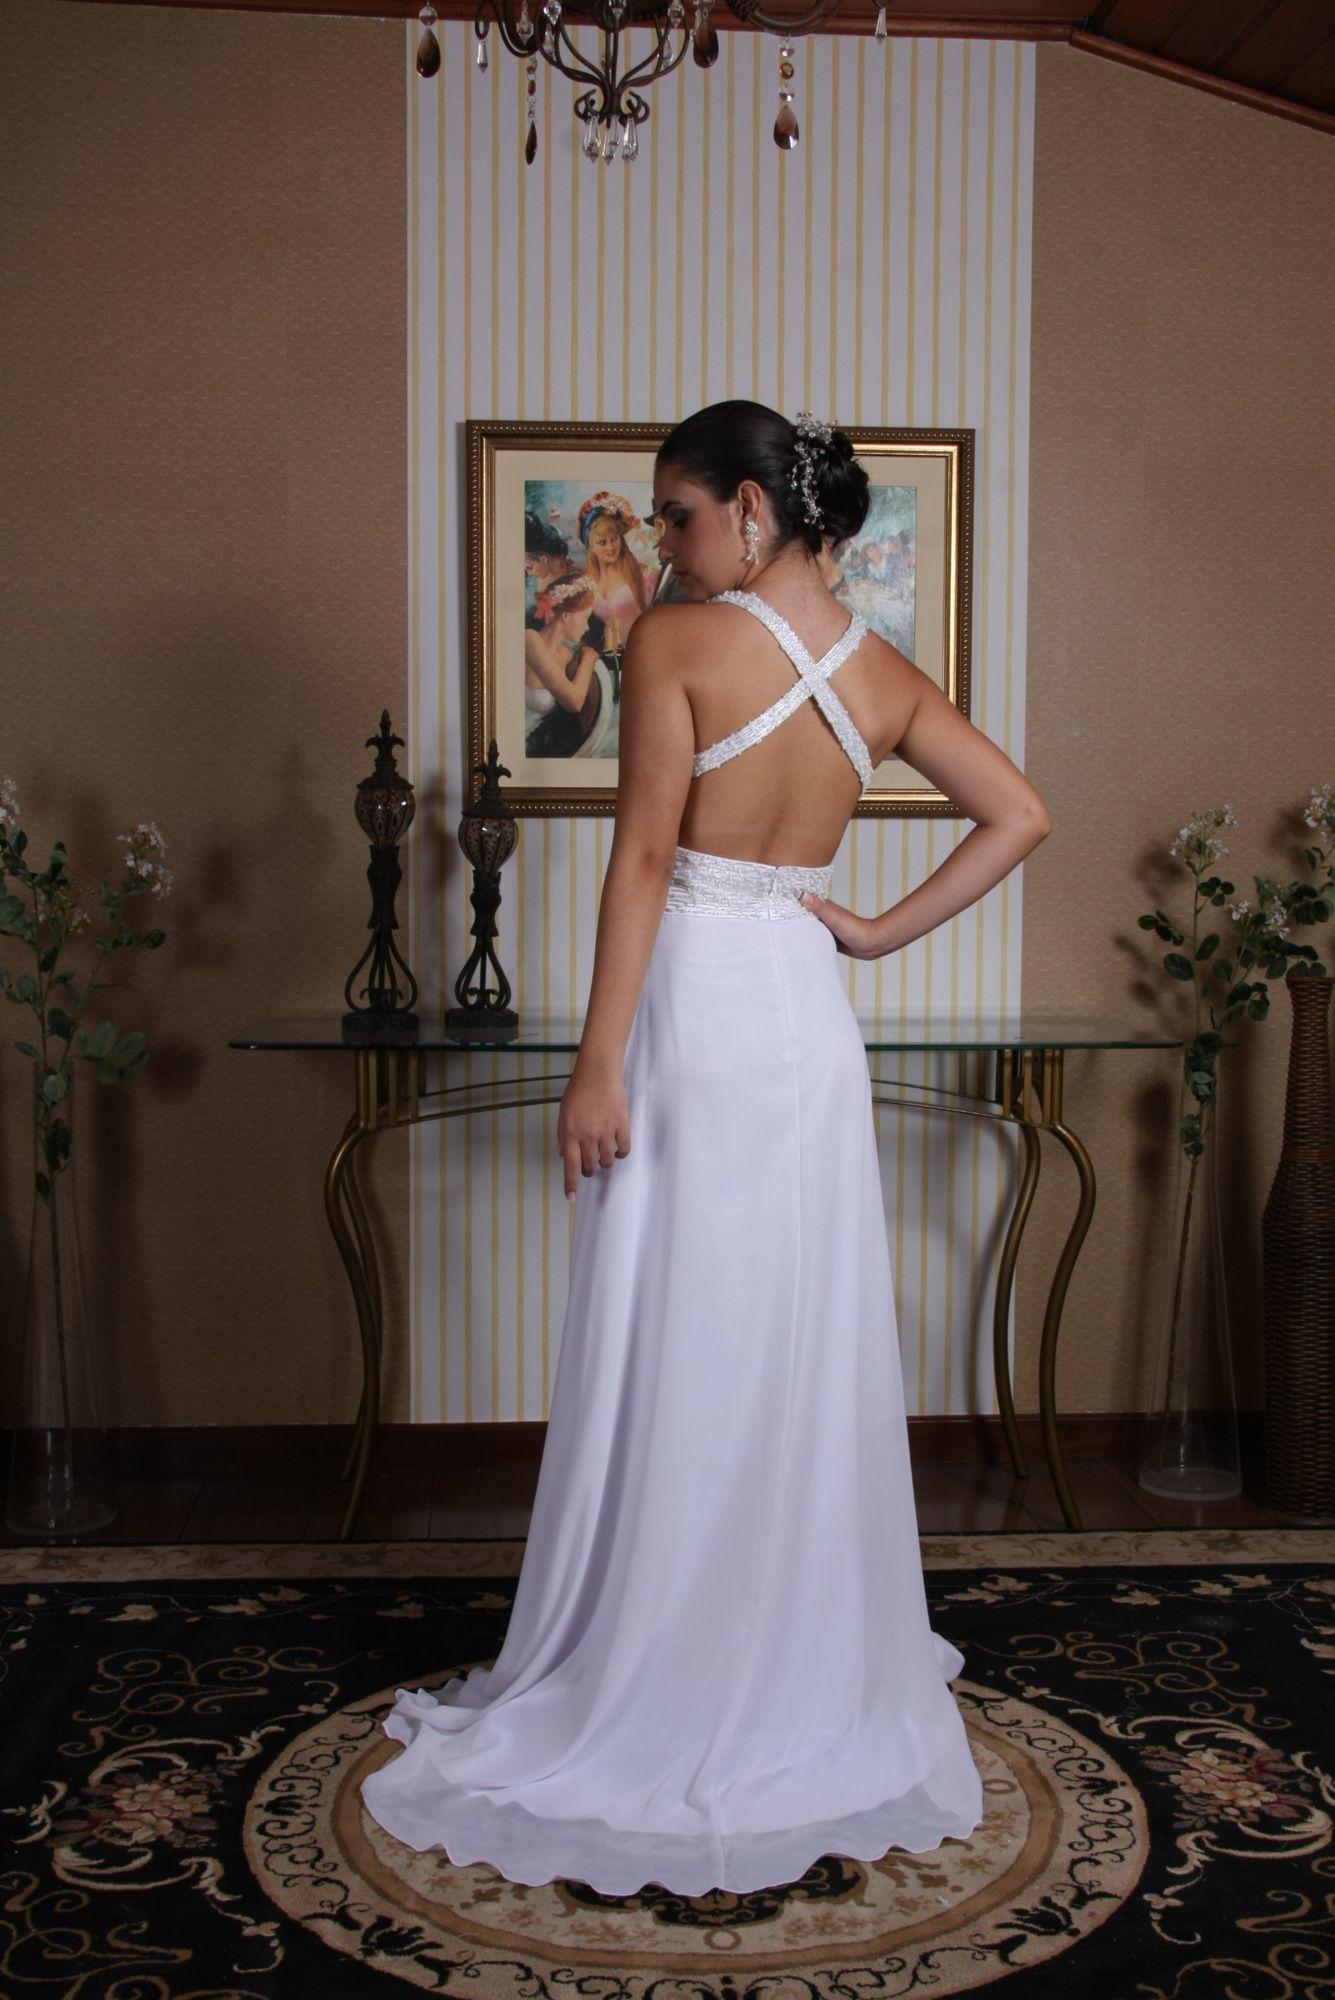 Vestido de Noiva Leve - 14 - Hipnose Alta Costura e Spa para Noivas e Noivos - Campinas - SP Vestido de Noiva, Vestido de Noiva Leve, Hipnose Alta Costura